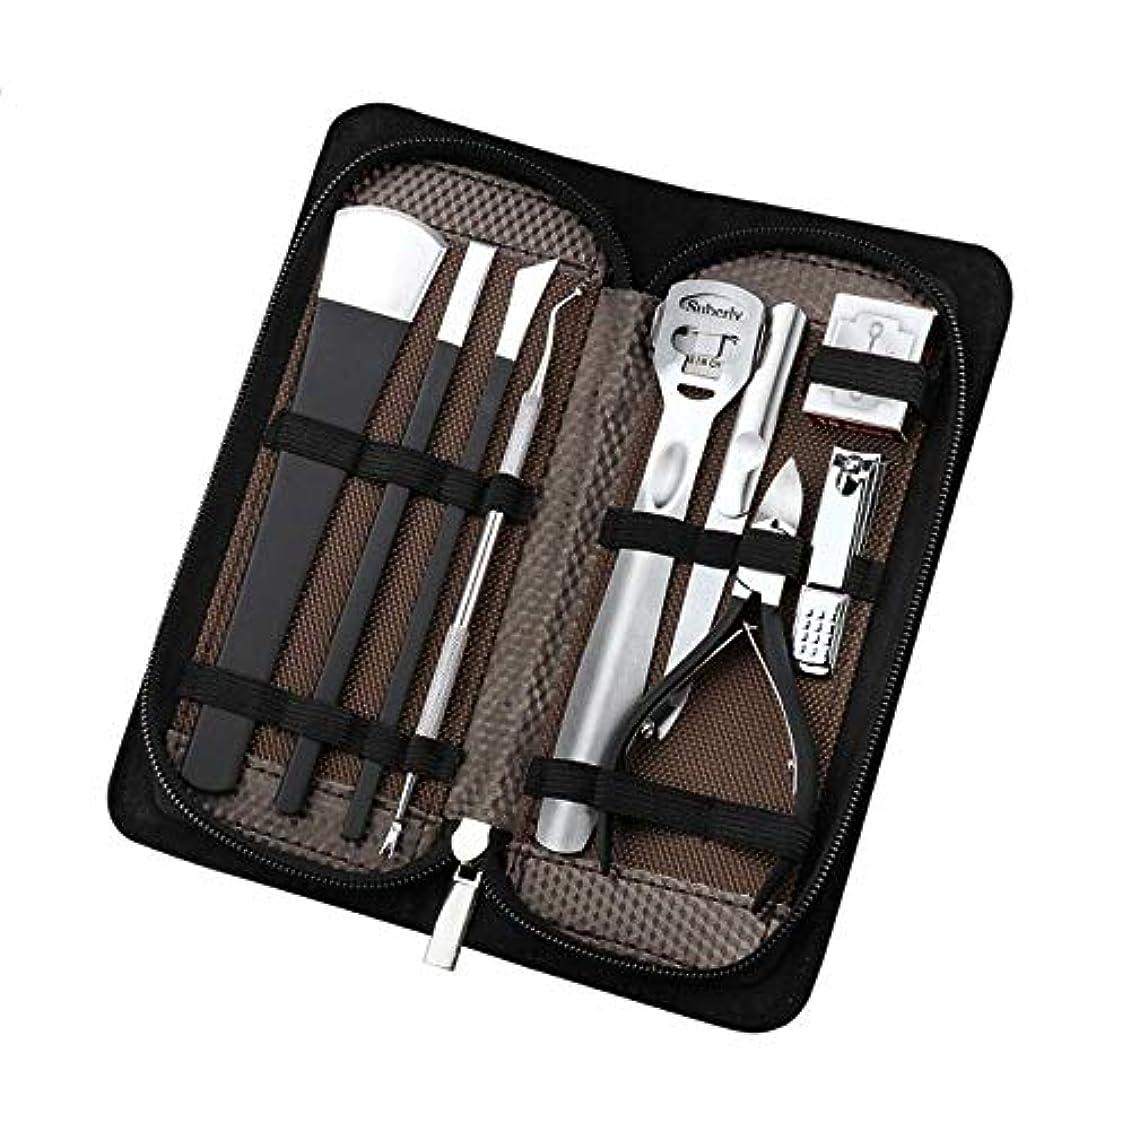 均等にエーカー送金CHAHANG ペディキュアピーリングナイフかんな炎症プロの爪切りペディキュアツールセットネイル8 (Color : Silver)